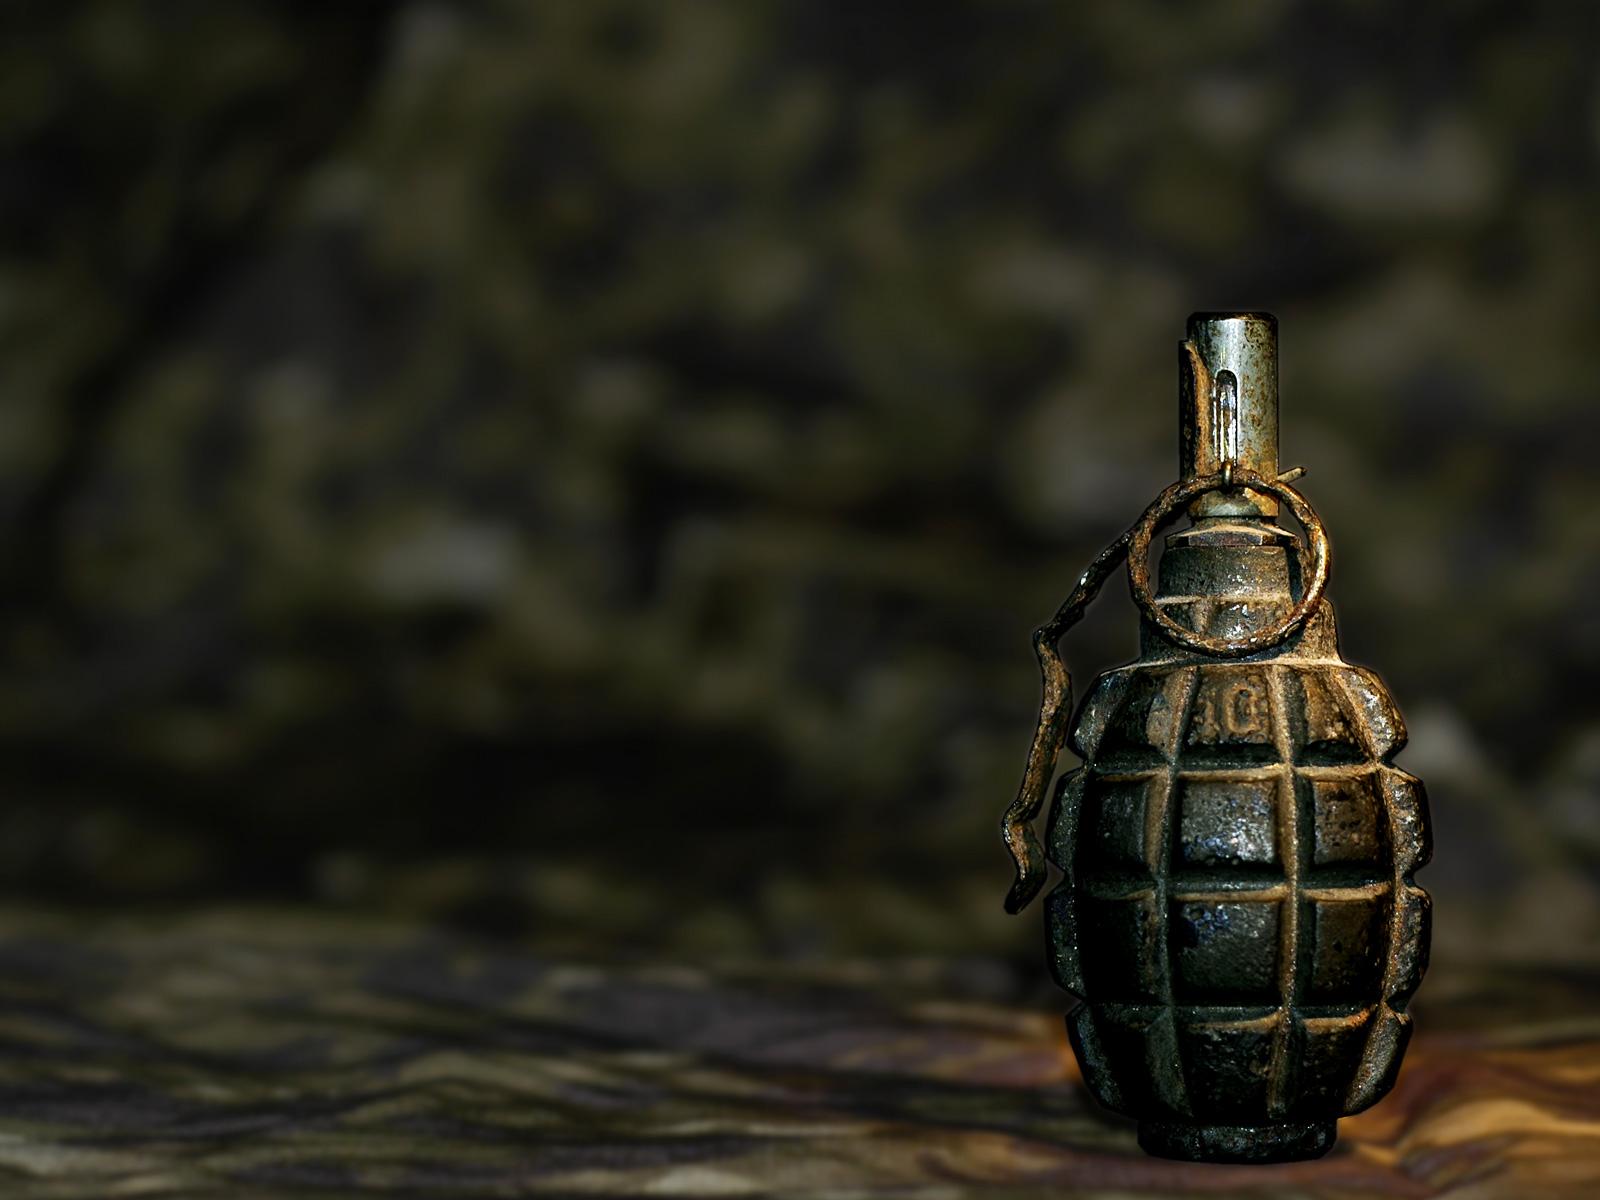 Rusty Hand Grenade Wallpapers Rusty Hand Grenade Myspace Backgrounds 1600x1200